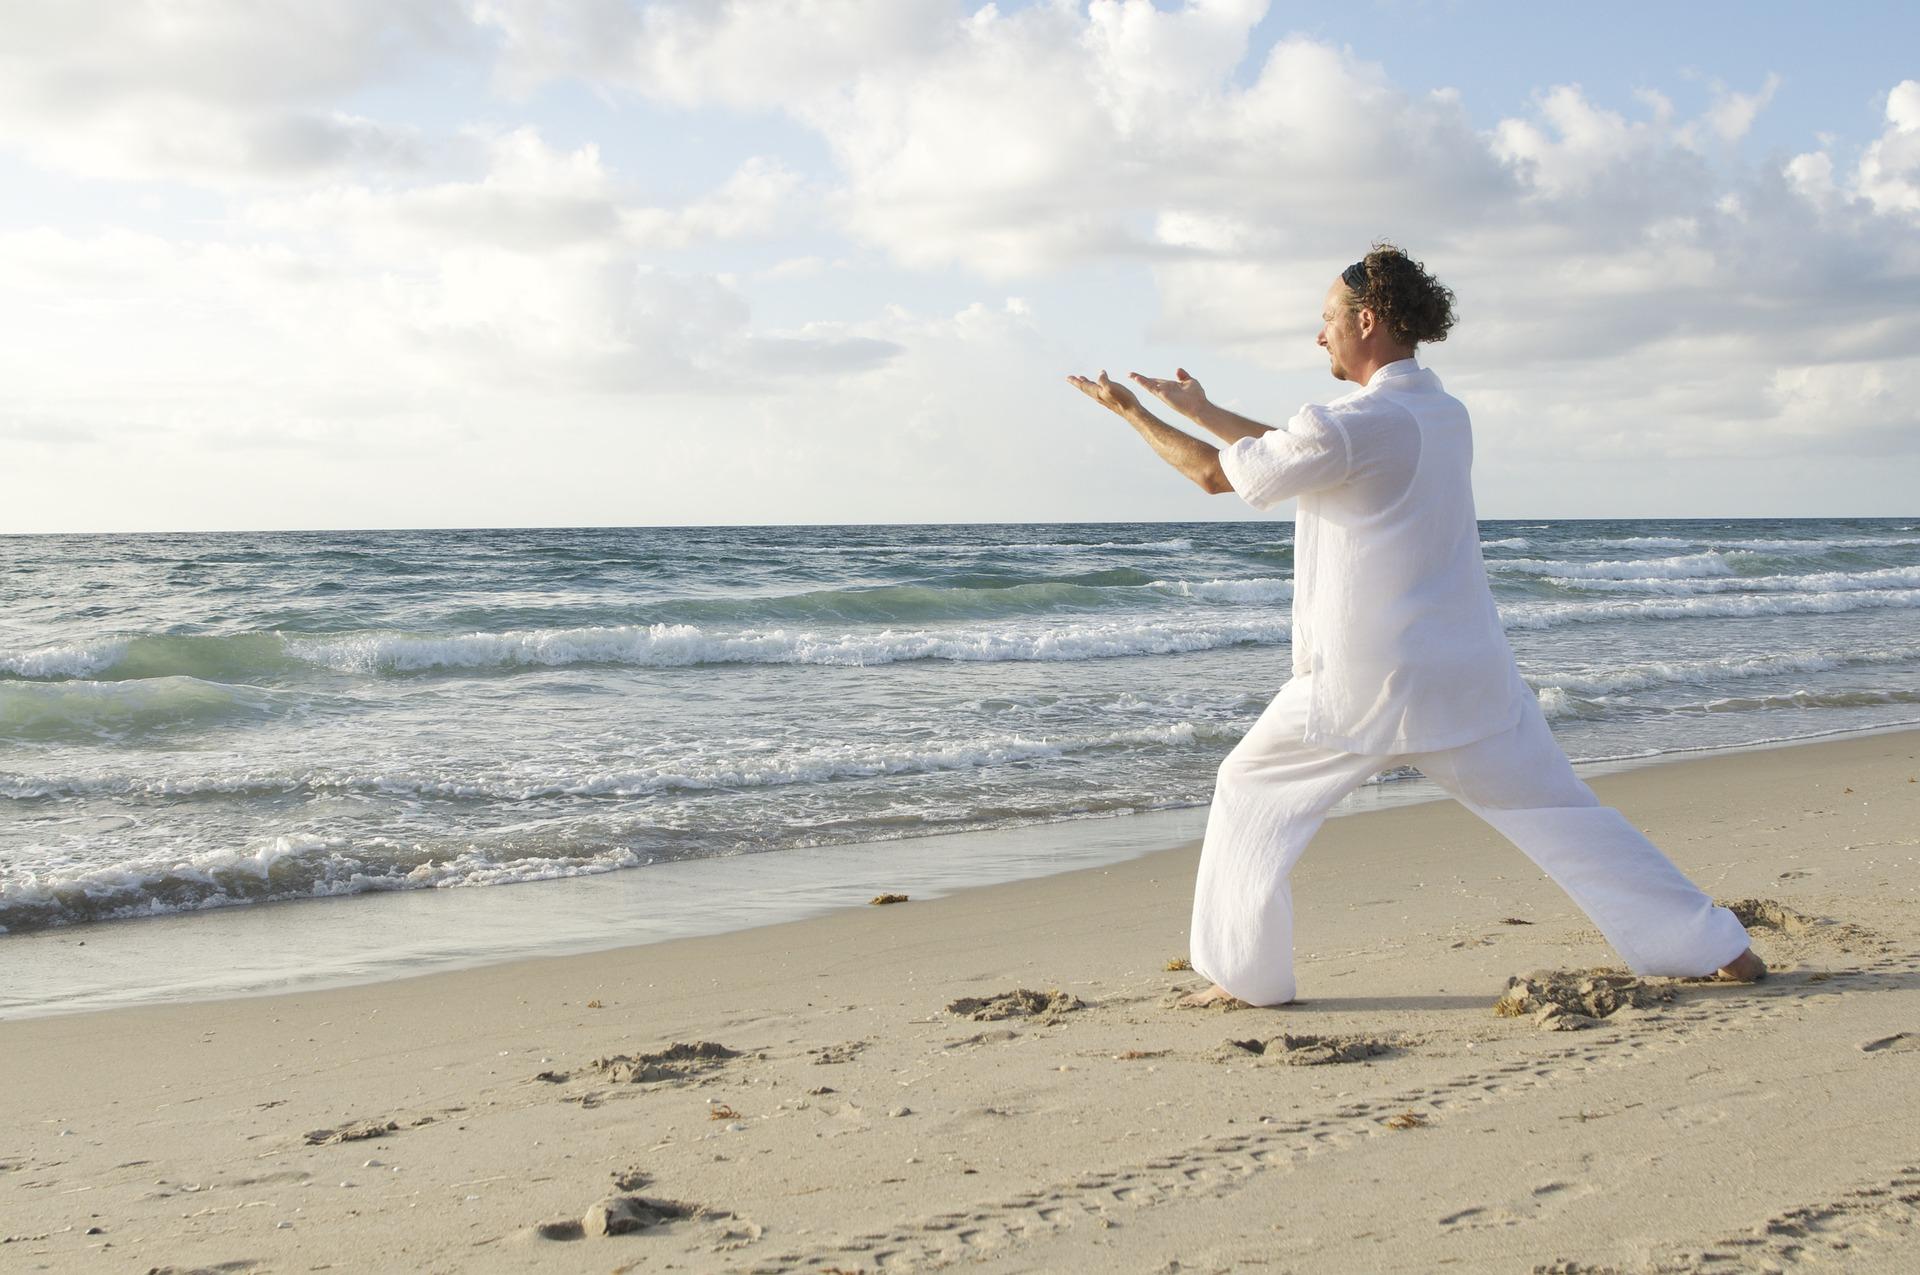 Movimento mais saudável no dia a dia